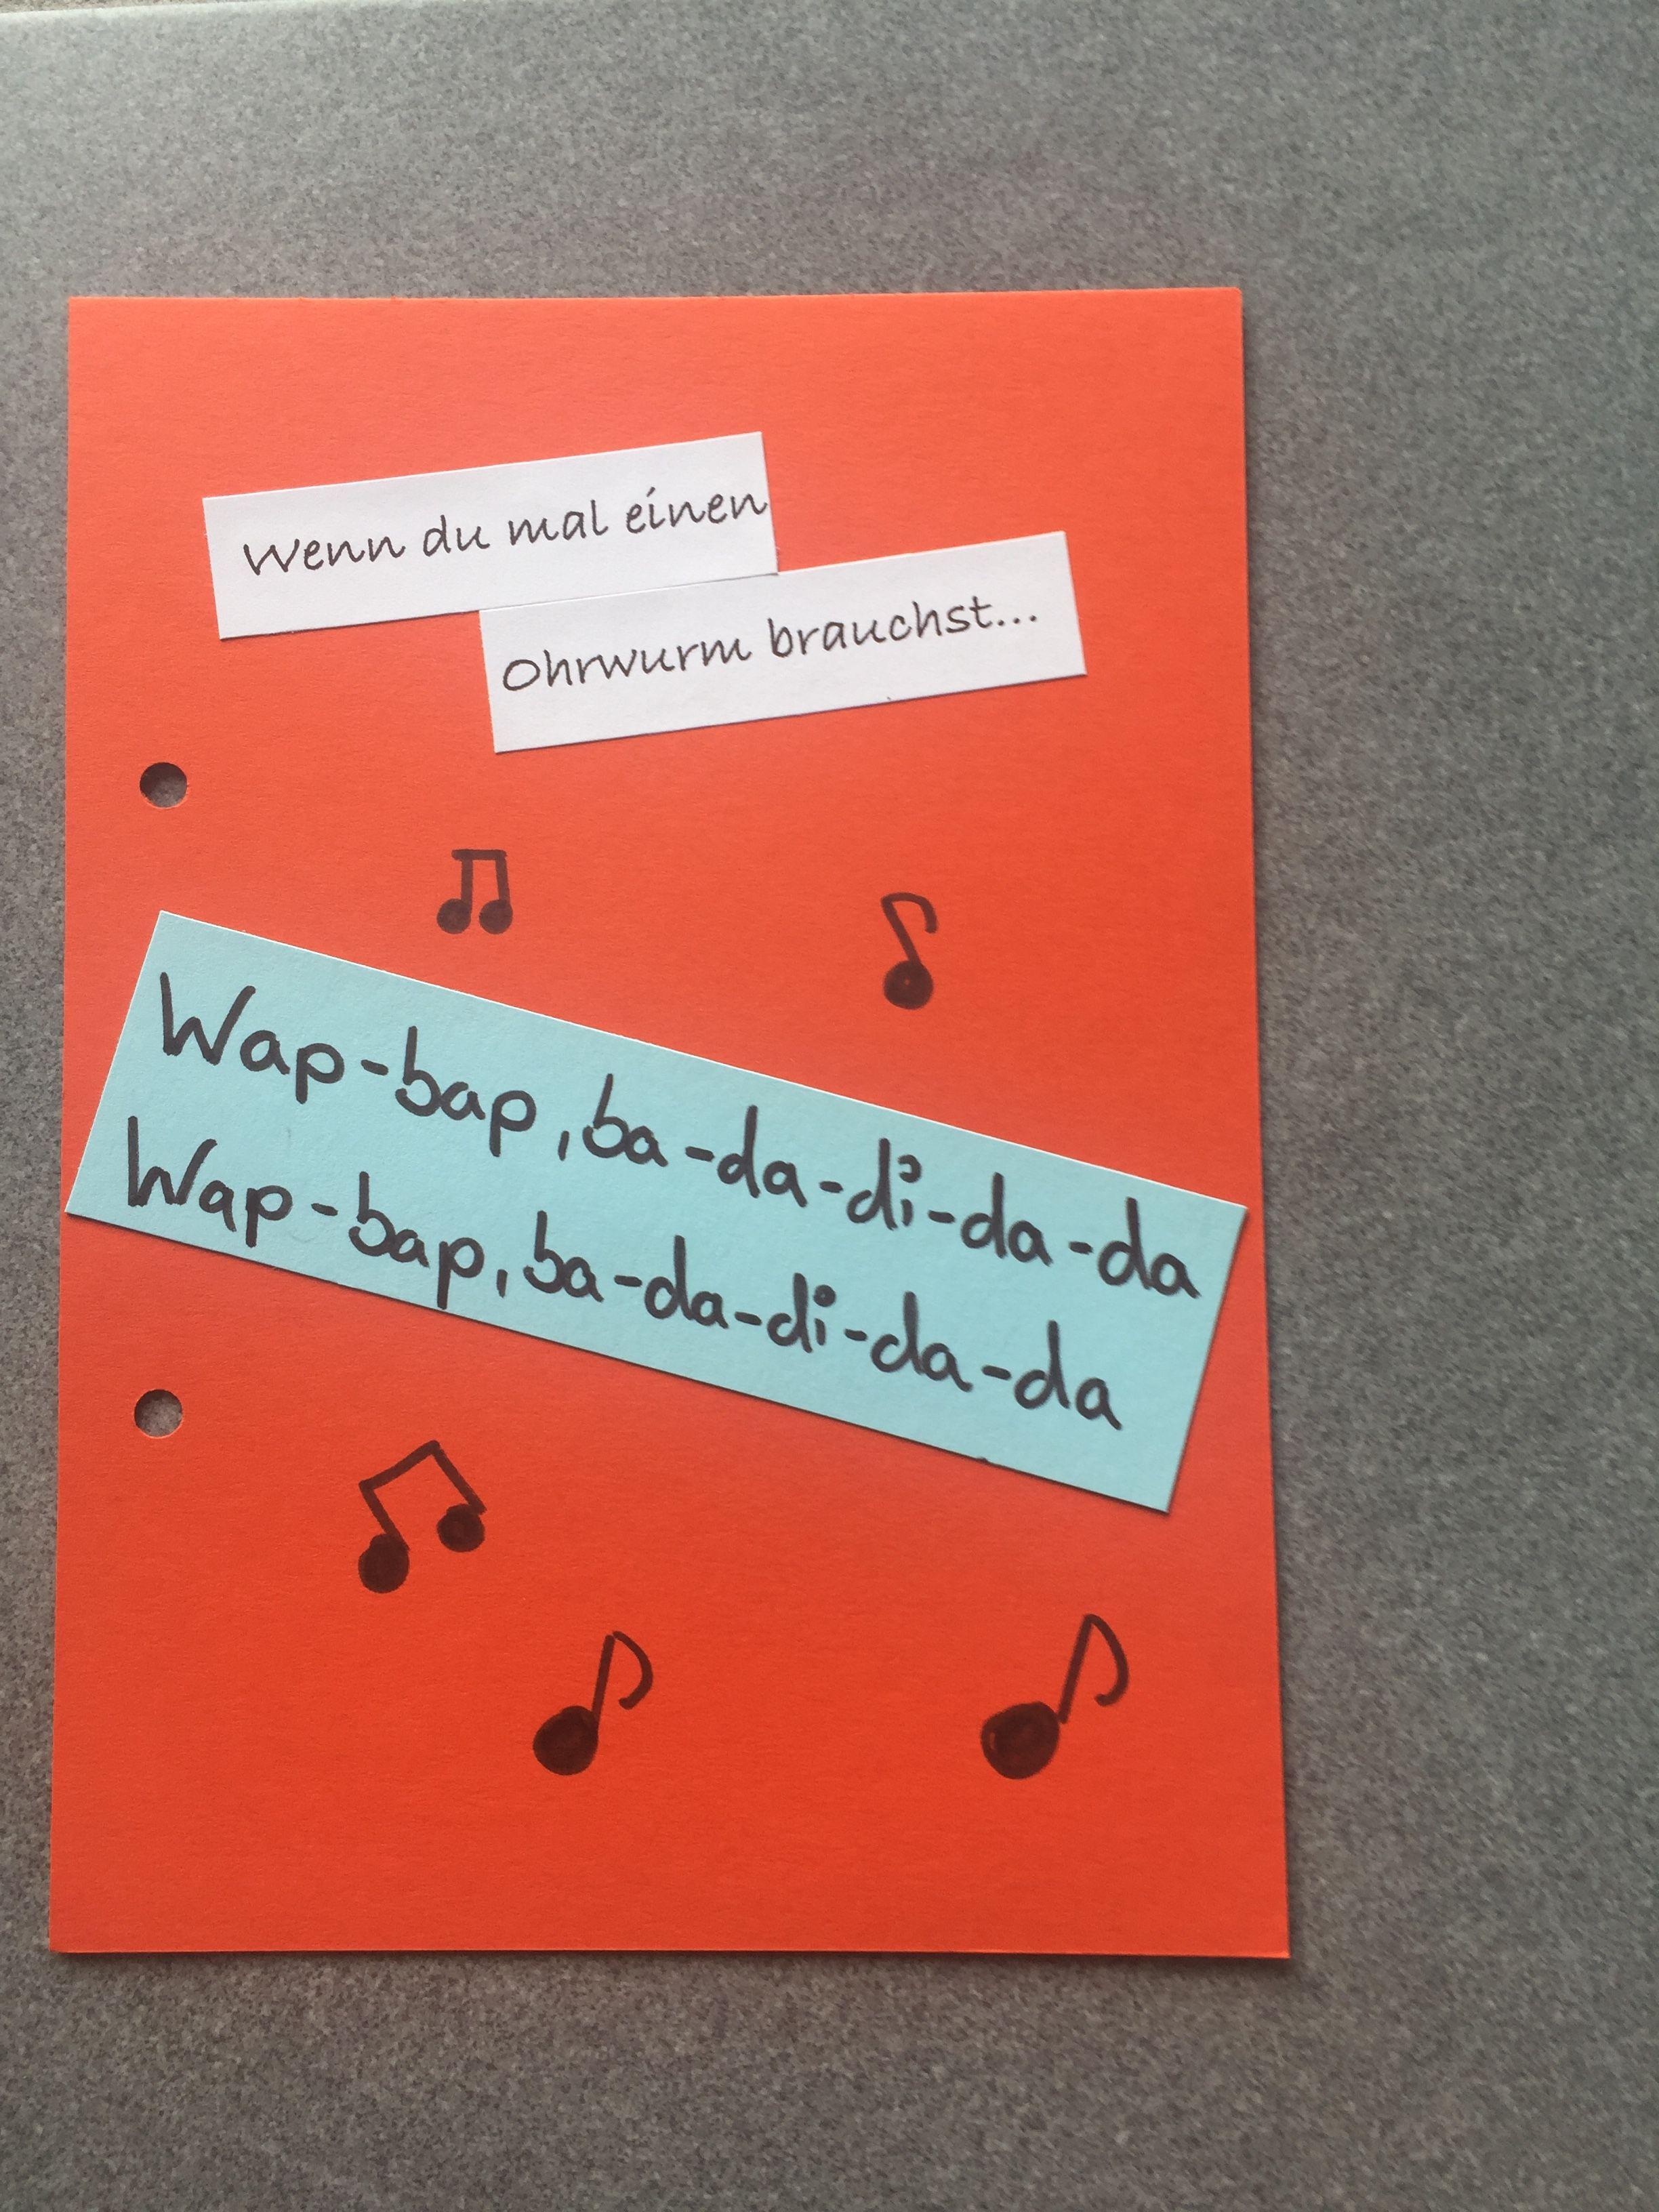 Benötigt Ohrwurm Song Z B How It Is Wap Bap Mein Wenn Buch